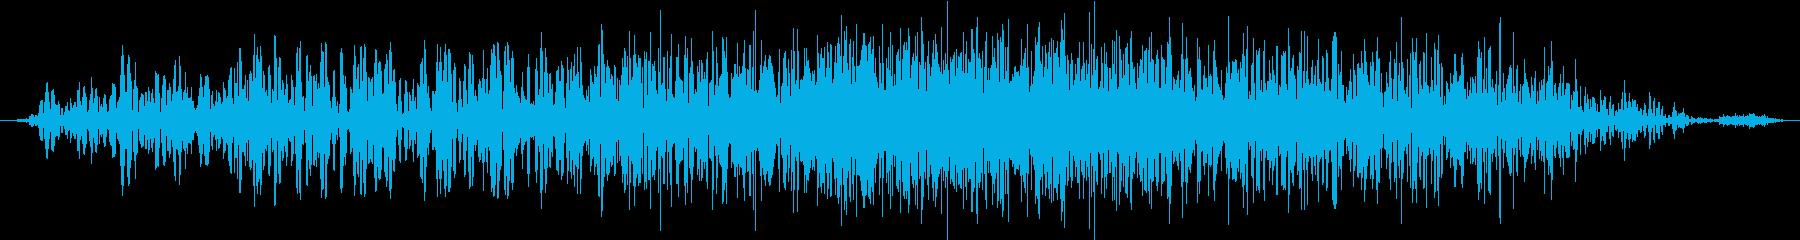 モンスター 威嚇 04の再生済みの波形